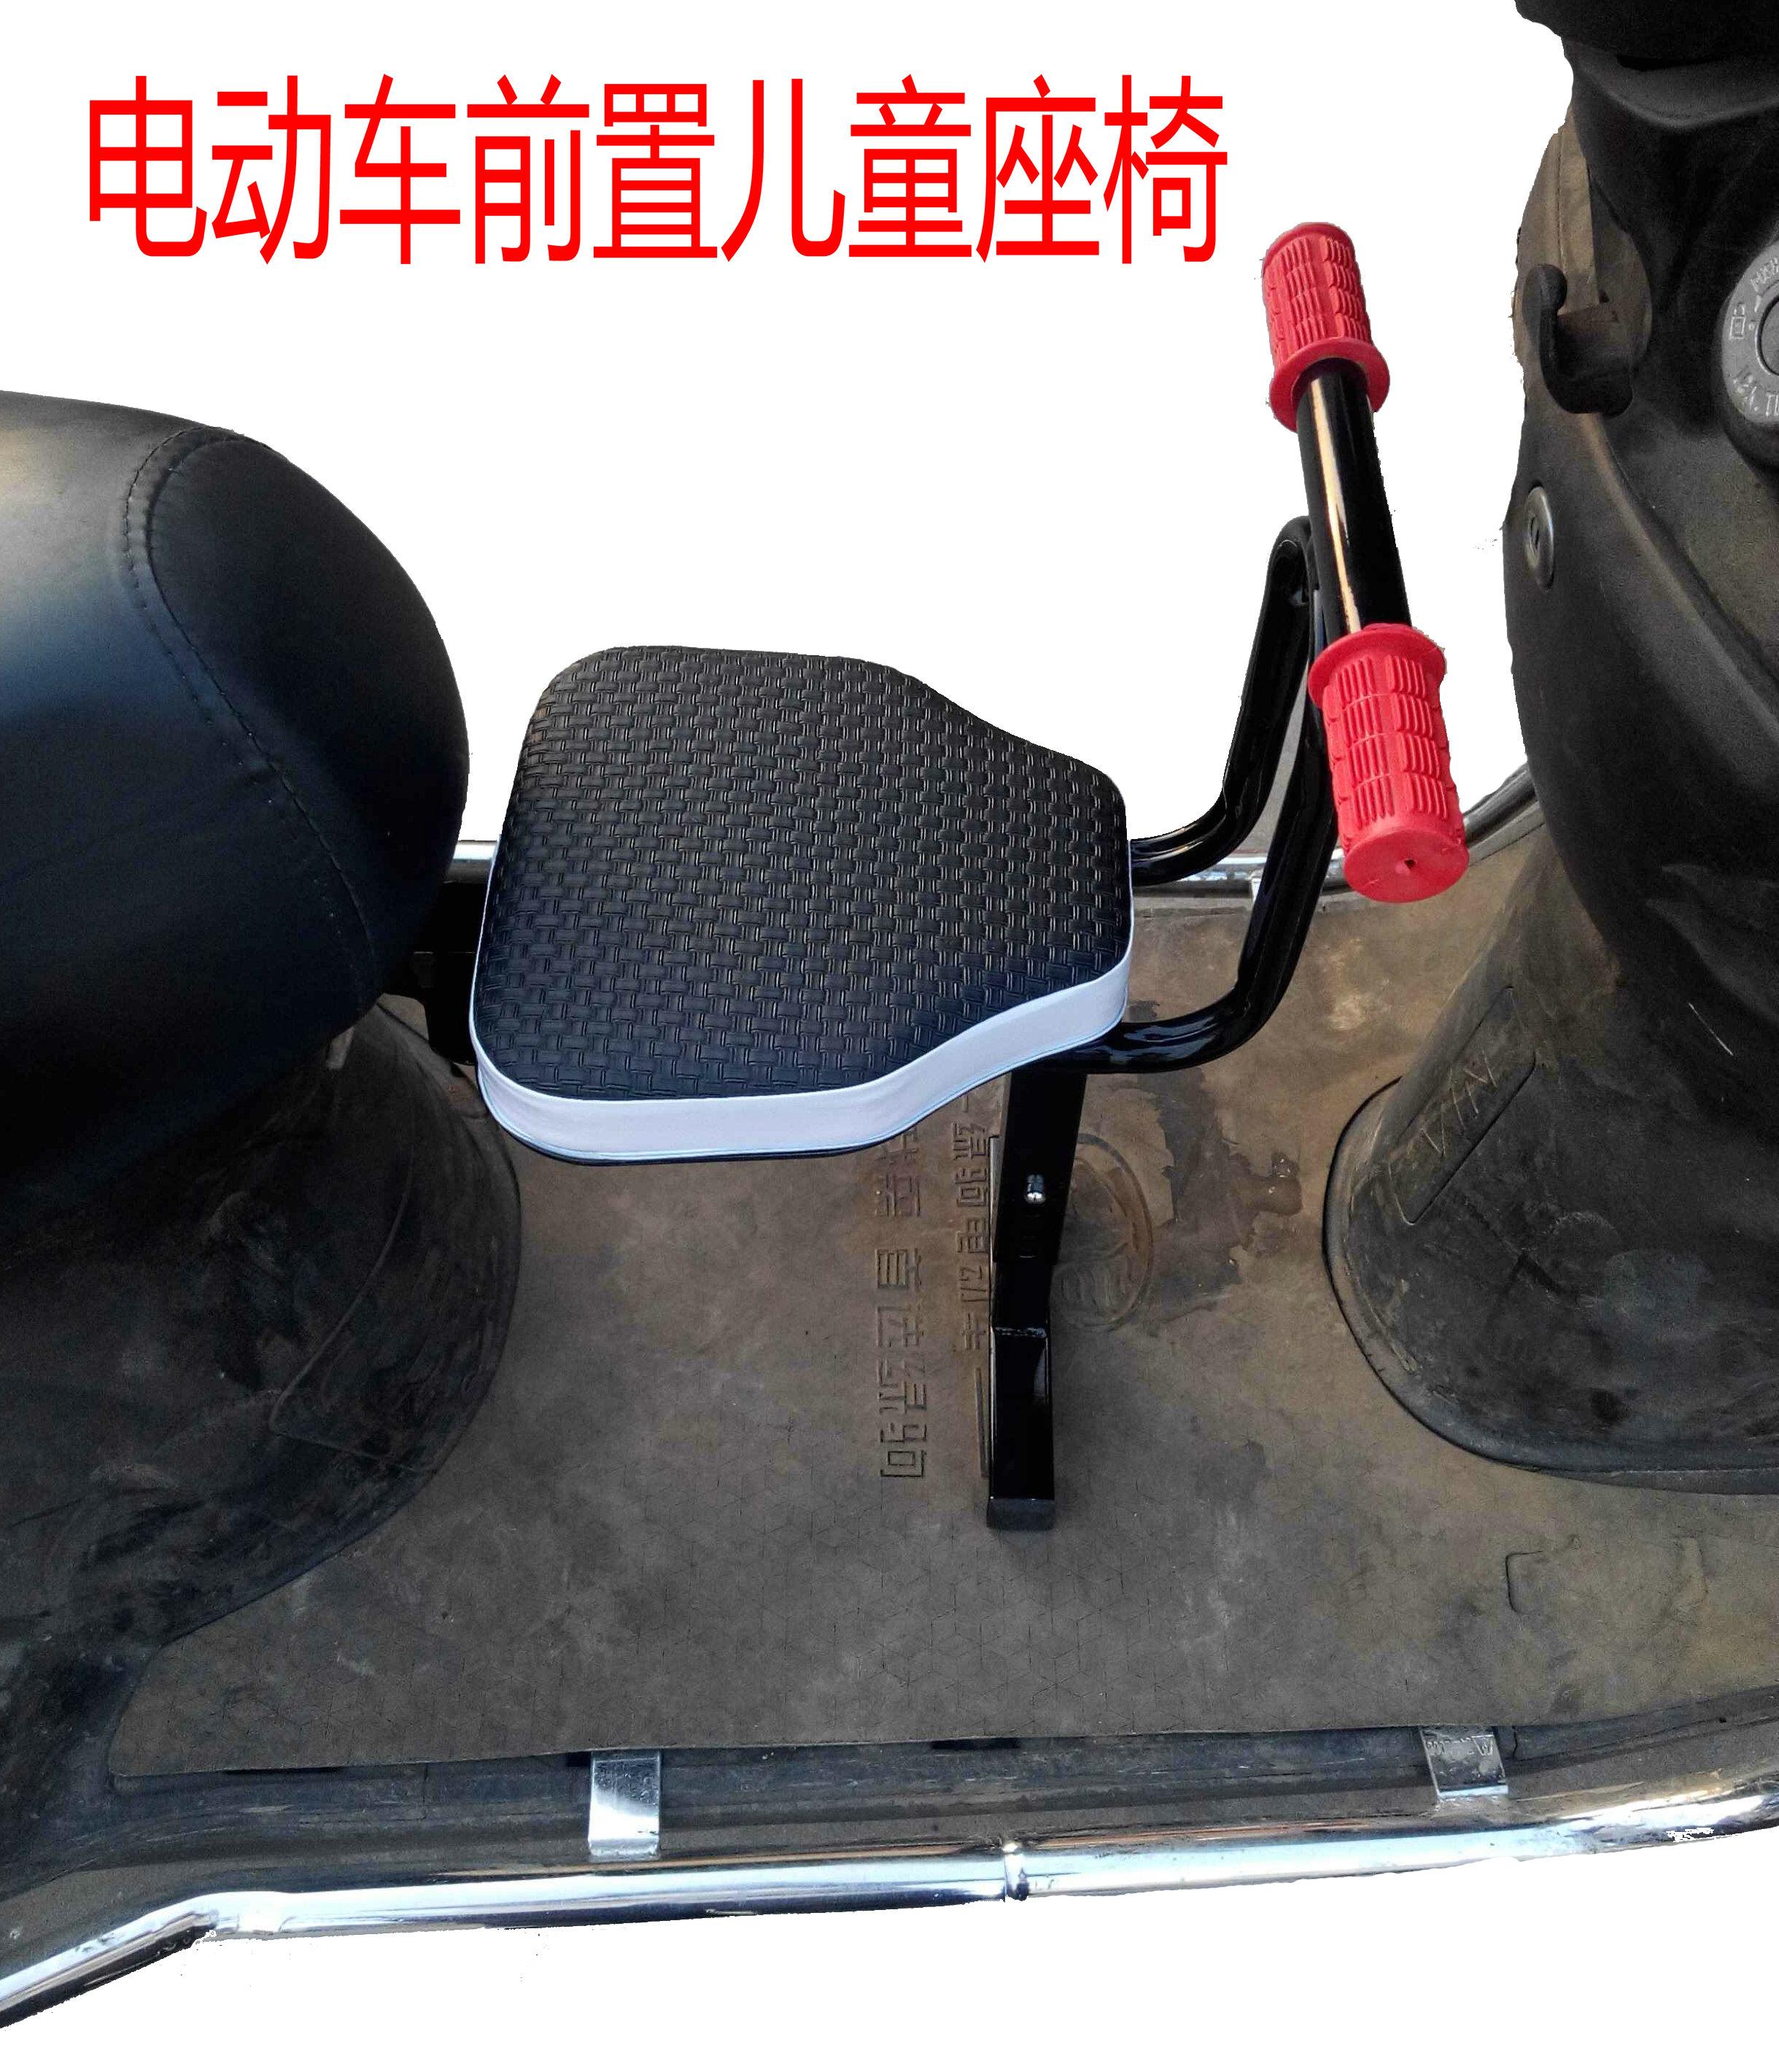 Скутер мотоцикл электромобиль аккумуляторная батарея автомобиль мощность автомобиль ребенок передний сложить сиденье ребенок безопасность сиденье